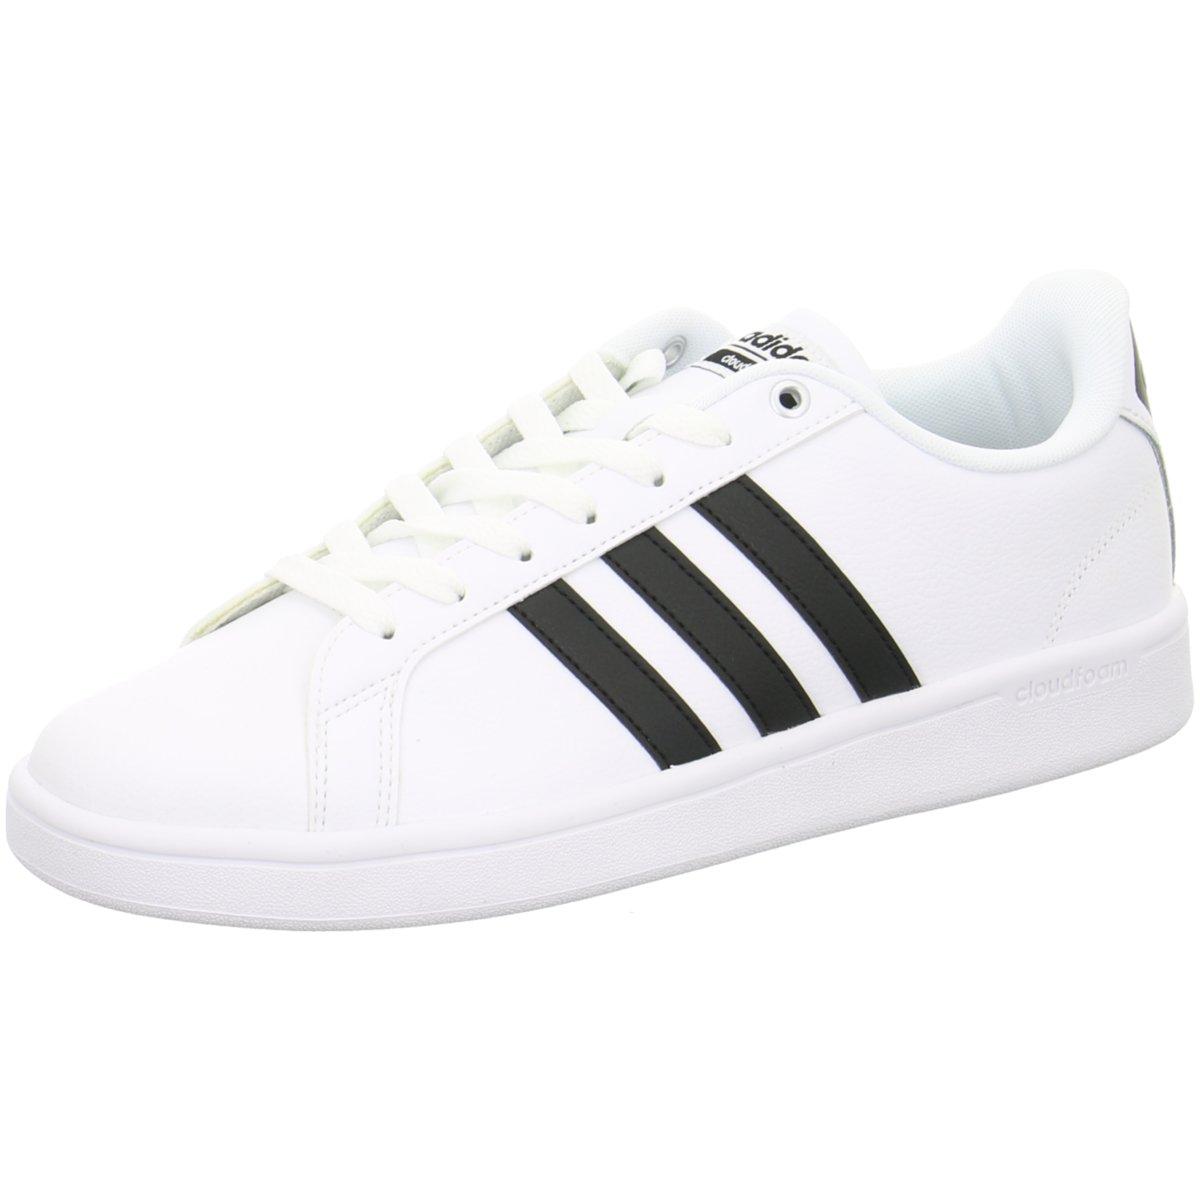 adidas Herren Sneaker CF ADVANTAGE AW4294 weiß 258206 | eBay